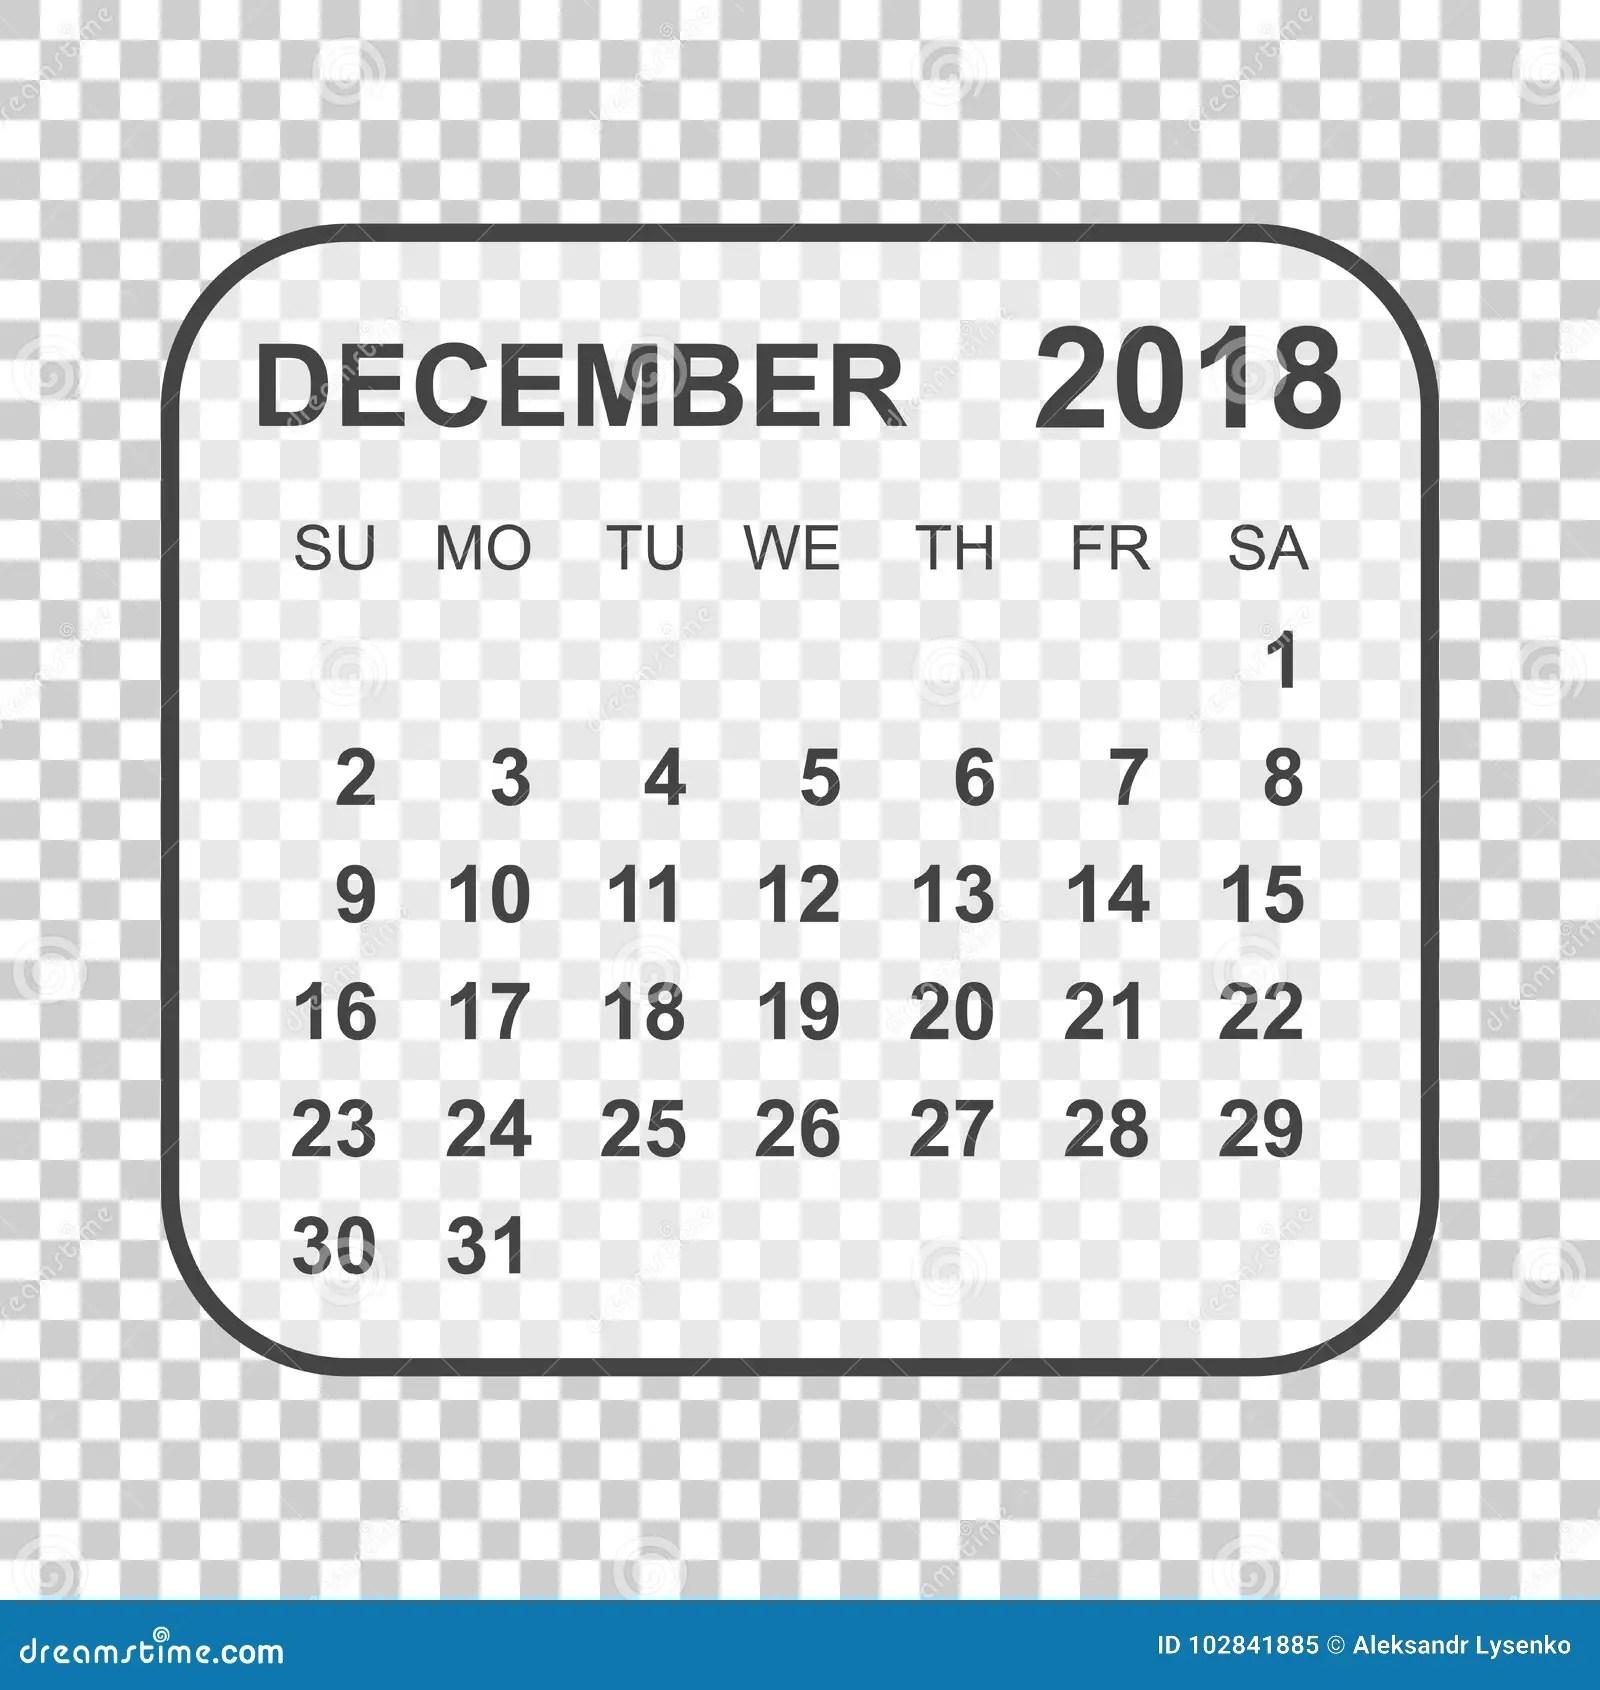 December 2018 Calendar. Calendar Planner Design Template